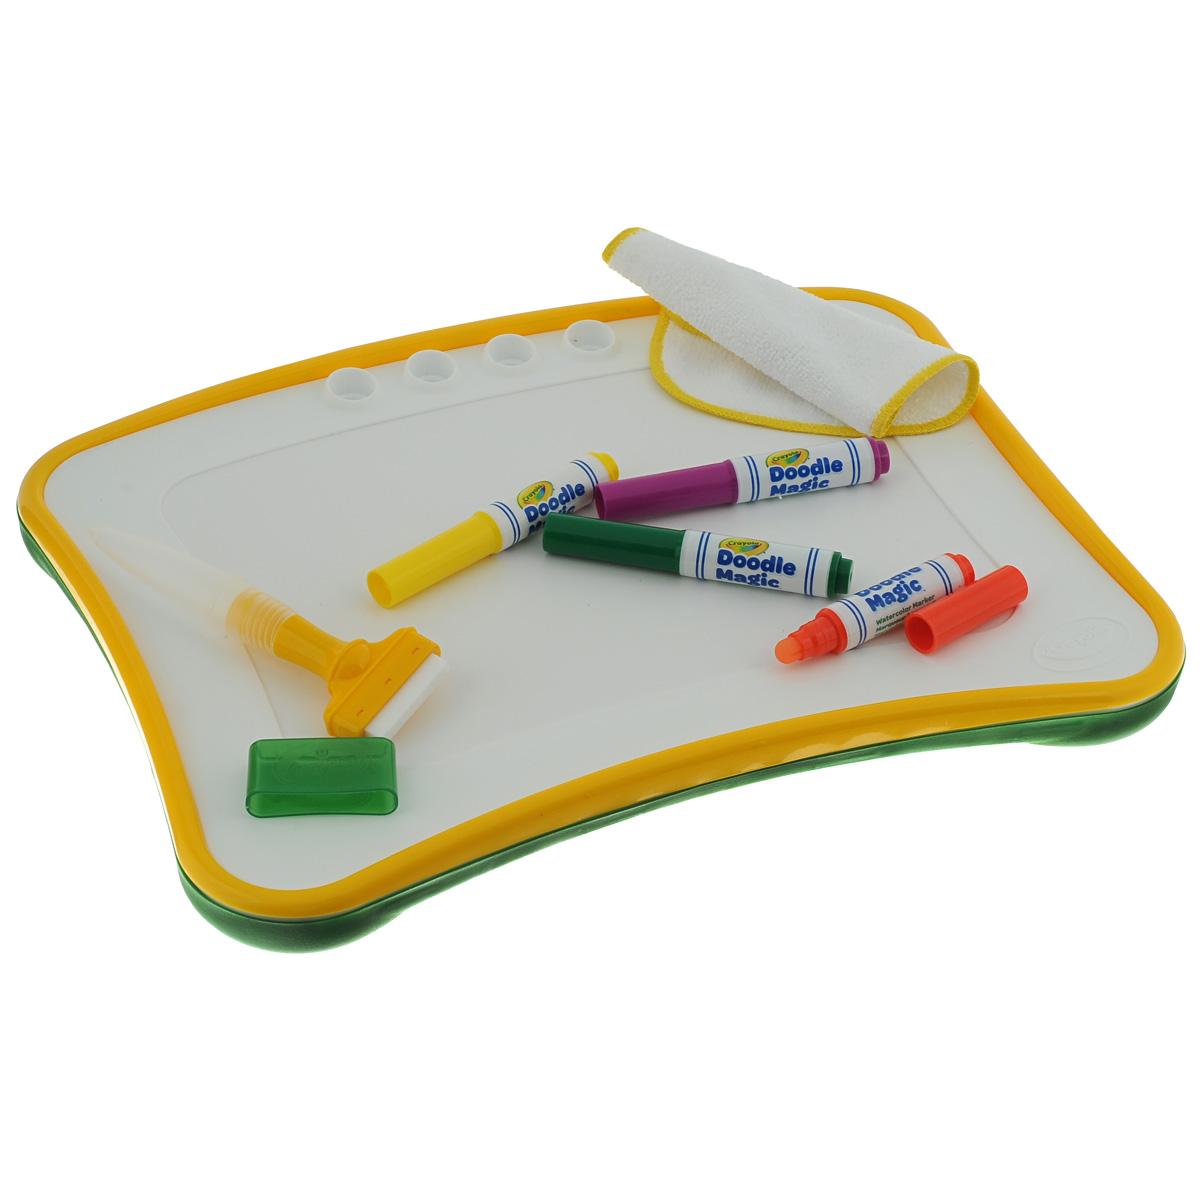 Доска для рисования Crayola Doodle Magic, с аксессуарамиFS-00897Специальная доска для рисования Crayola Doodle Magic поможет раскрыть талант юного художника, а также значительно упростит уборку его рабочего места для родителей. В набор включены четыре специальный маркера Doodle Magic желтого, красного, фиолетового и зеленого цветов. Следы от маркеров, сделанных по этой технологии, легко удаляются со всех поверхностей при помощи обычной воды. Еще одним преимуществом данного набора является то, что ребенку не обязательно искать бумагу для рисования. Поверхность доски рассчитана на многократное использование. Доска имеет практичные ячейки для хранения маркеров и губки.Помимо самой доски и маркеров, в комплект входят тряпочка и губка-щеточка. При помощи этих аксессуаров можно удалить следы маркеров со всех поверхностей, даже с одежды малыша.Такая доска идеально подойдет для путешествий - теперь вам не придется беспокоиться о том, чем занять малыша в пути: ребенок сможет рисовать, просто держа доску на коленях.Вашему маленькому художнику непременно понравится рисовать на доске Doodle Magic. Рисование помогает развить художественное восприятие и мелкую моторику ребенка, а также отлично снимает стресс и тренирует воображение.